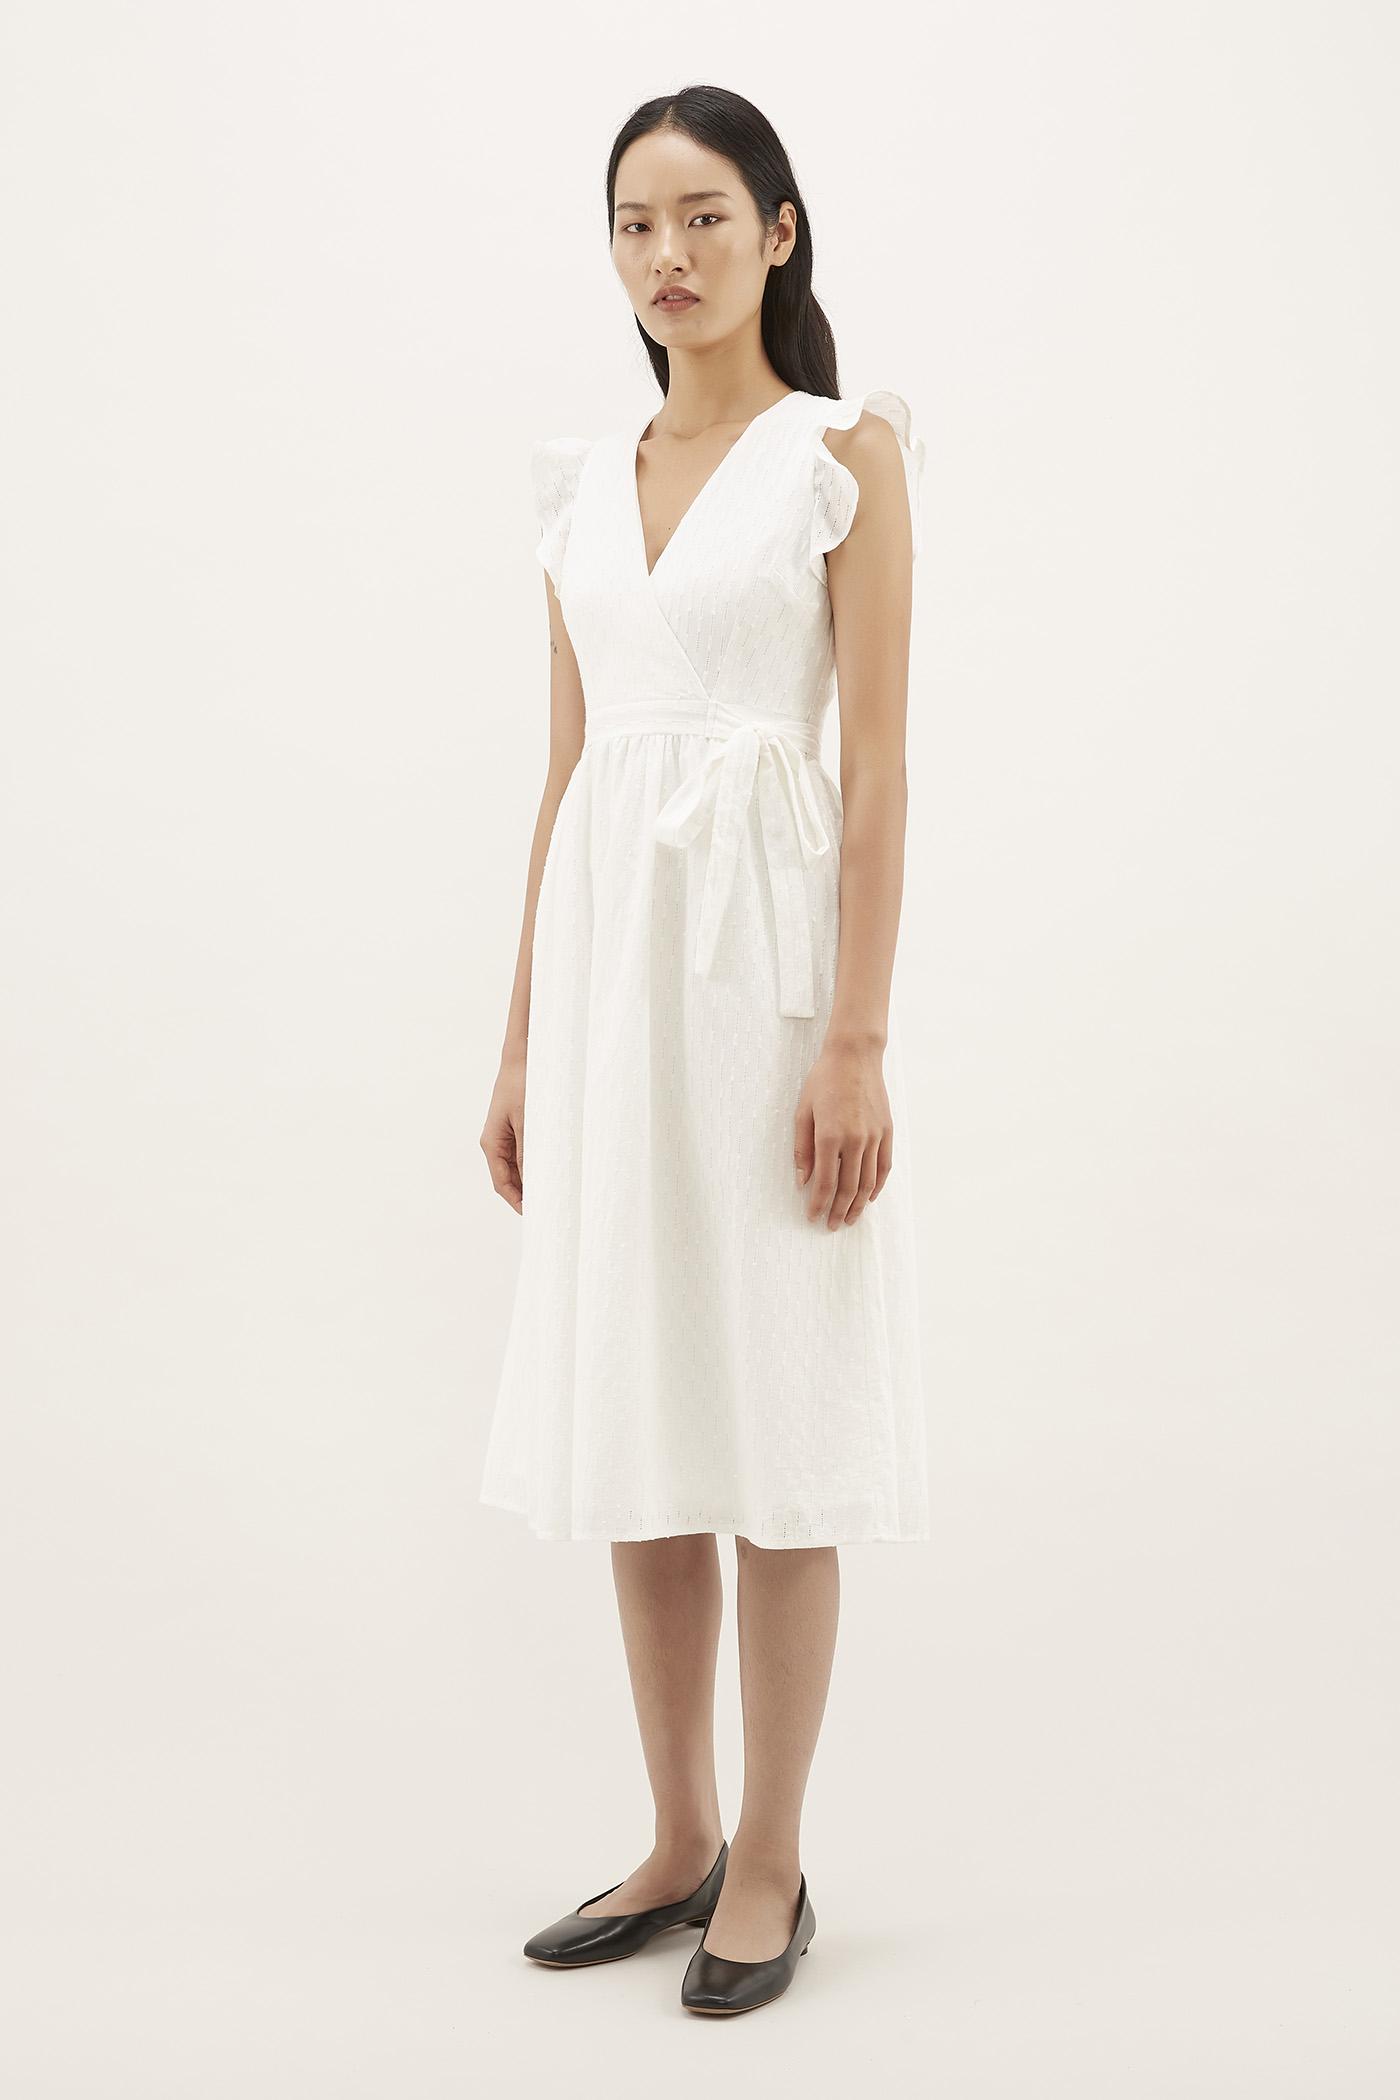 Aldrin Cross-front Dress